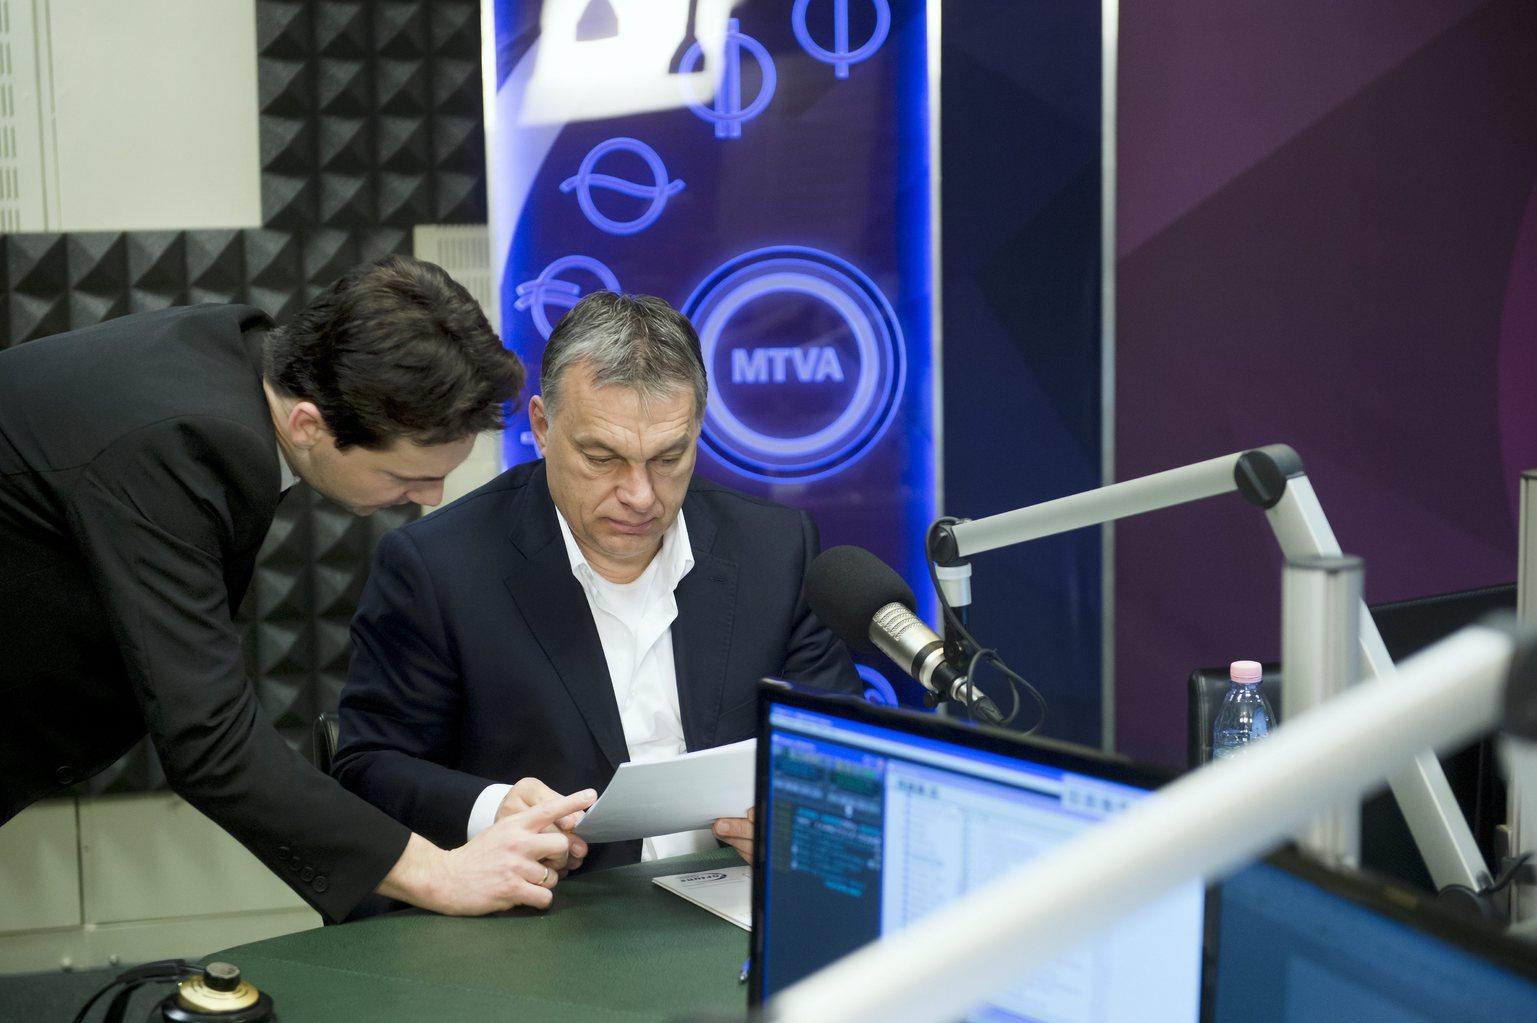 Orbán Viktor miniszterelnök (k) és Havasi Bertalan, a Miniszterelnöki Sajtóiroda vezetője a Magyar Rádió stúdiójában, ahol a kormányfő interjút ad a Kossuth Rádió 180 perc című műsorában 2016. március 4-én. MTI Fotó: Koszticsák Szilárd